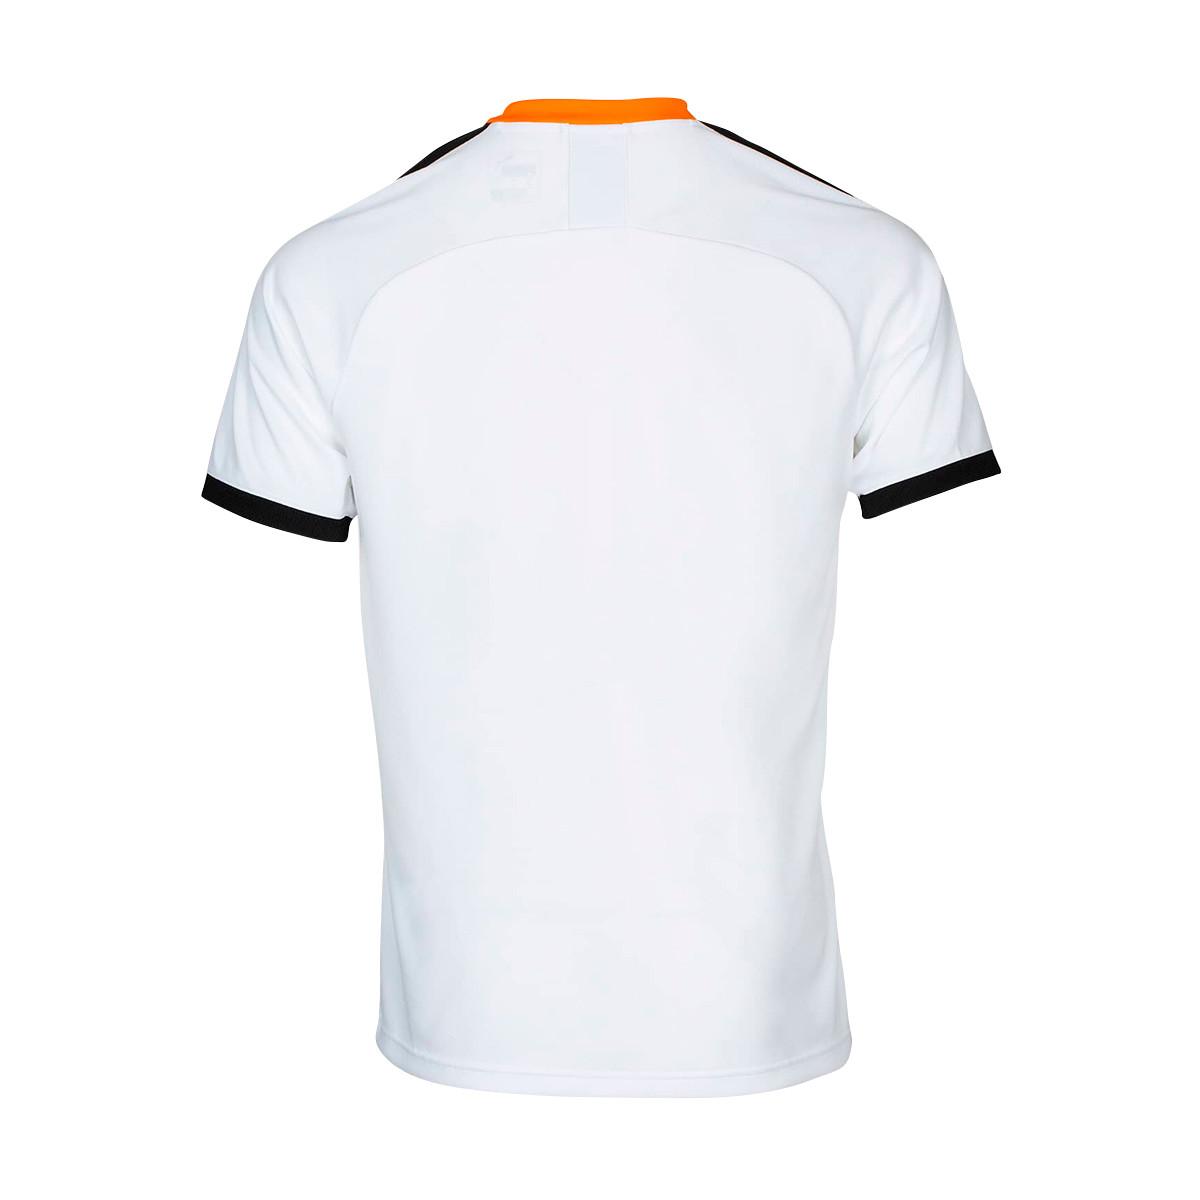 c70745383 Jersey Puma Valencia CF Primera Equipación 2019-2020 Niño Puma white-Puma  black-Vibrant orange - Tienda de fútbol Fútbol Emotion